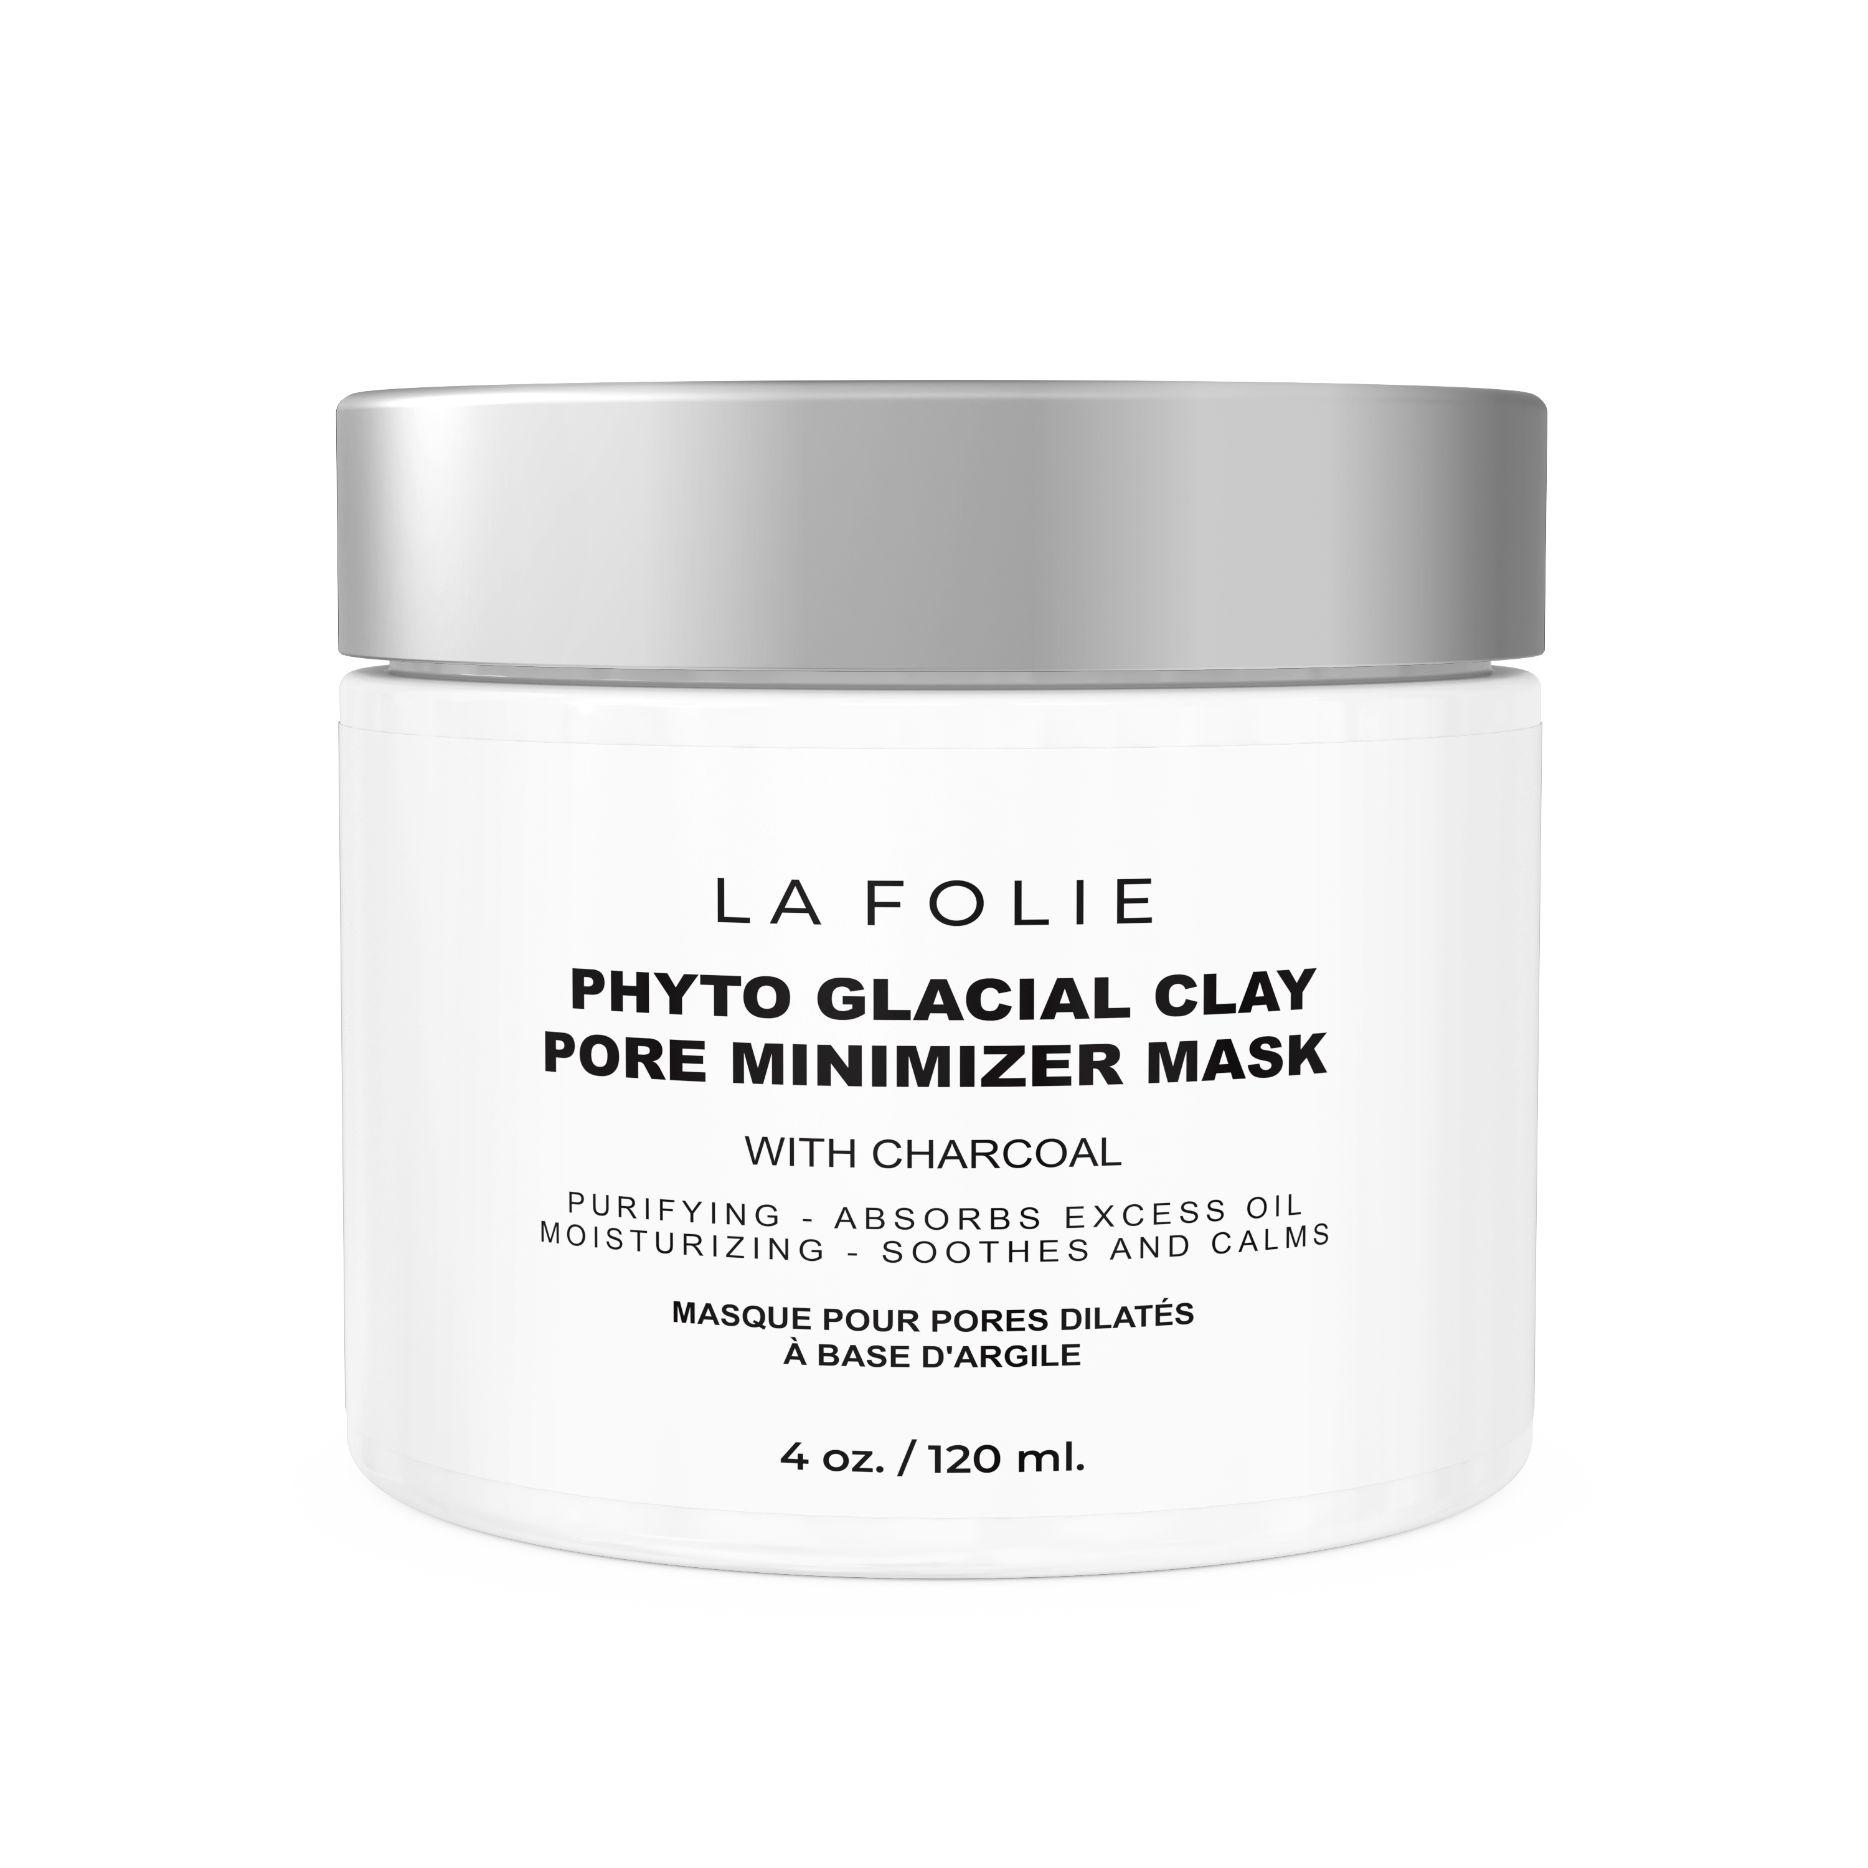 crème masque à l'argile au charbon de coco pour éliminer l'excès de sébum, hydrater la peau et réduire les rougeurs et les irritations